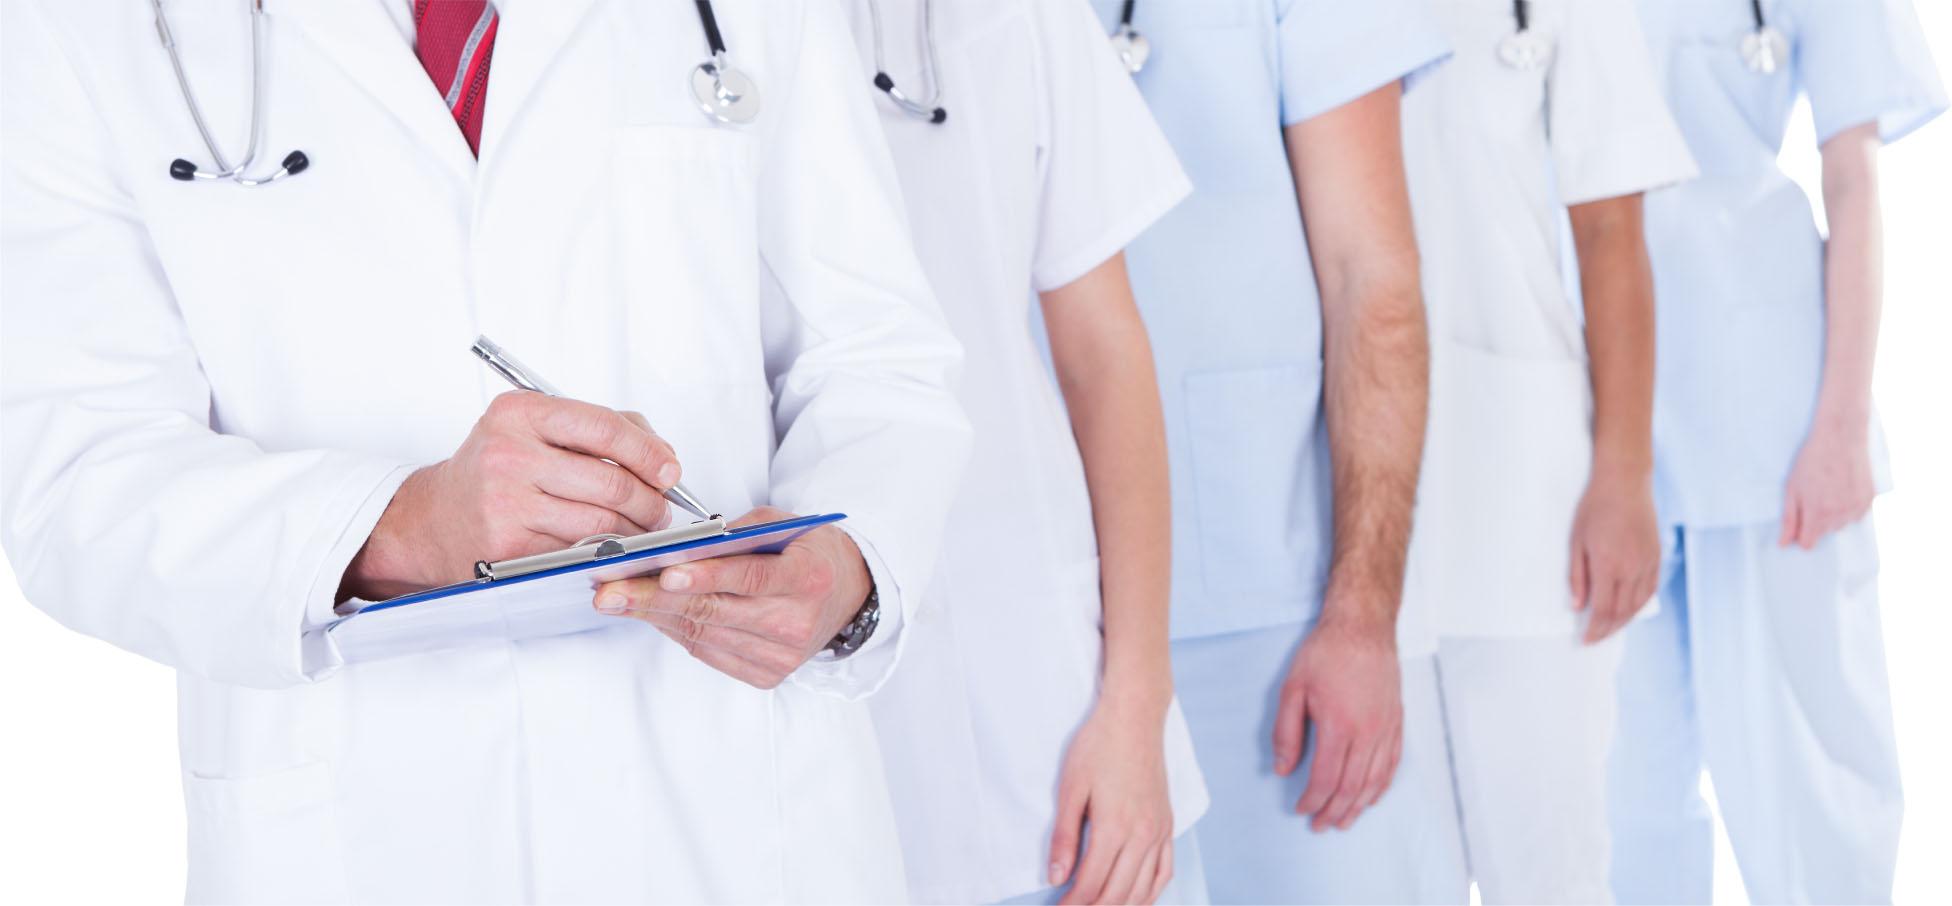 Consulting Orthopaedic Associates